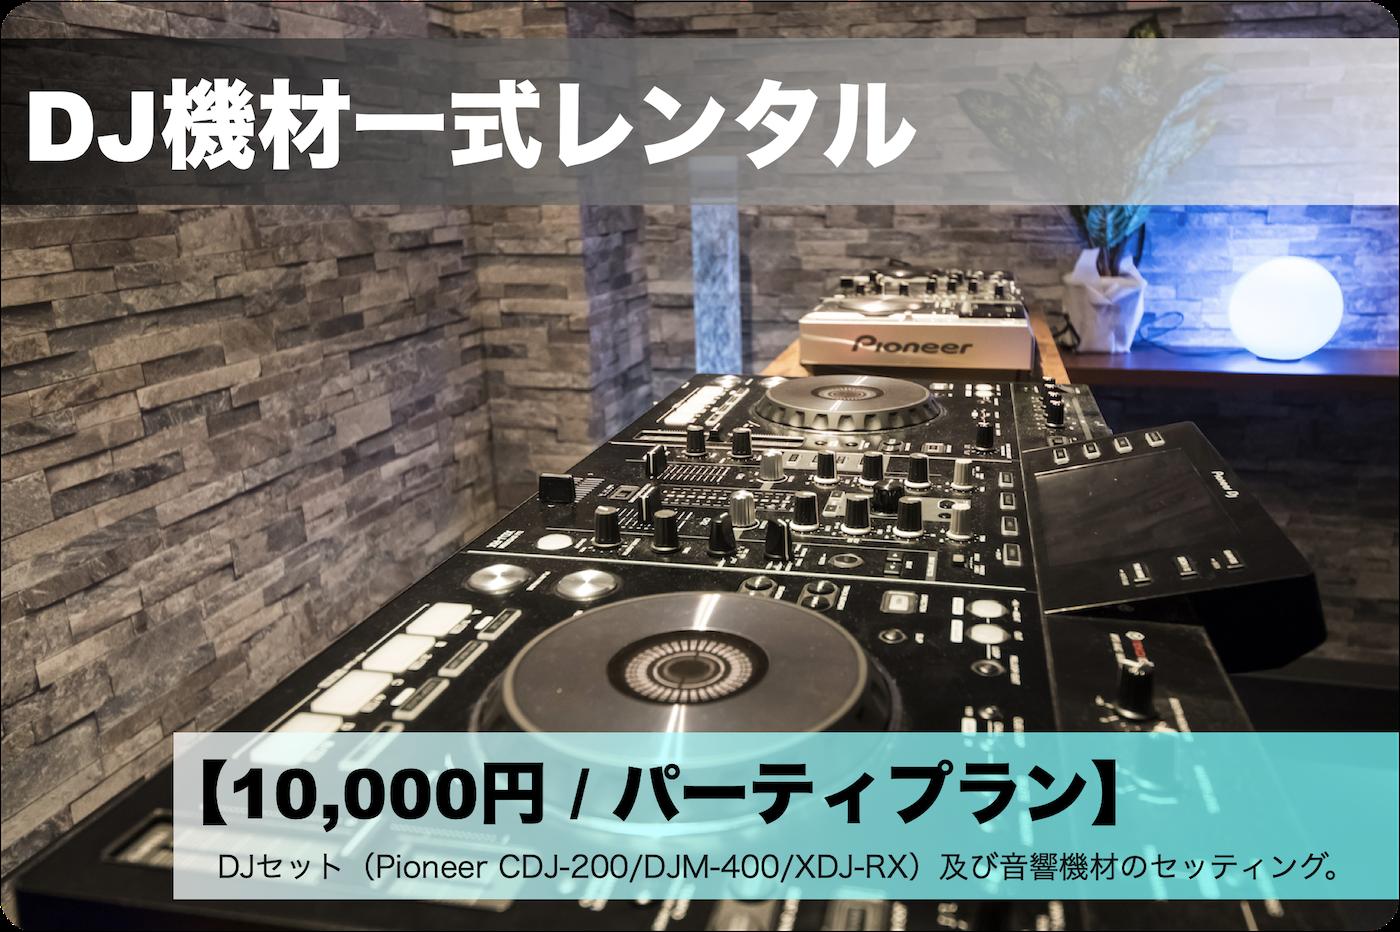 DJ機材一式レンタル